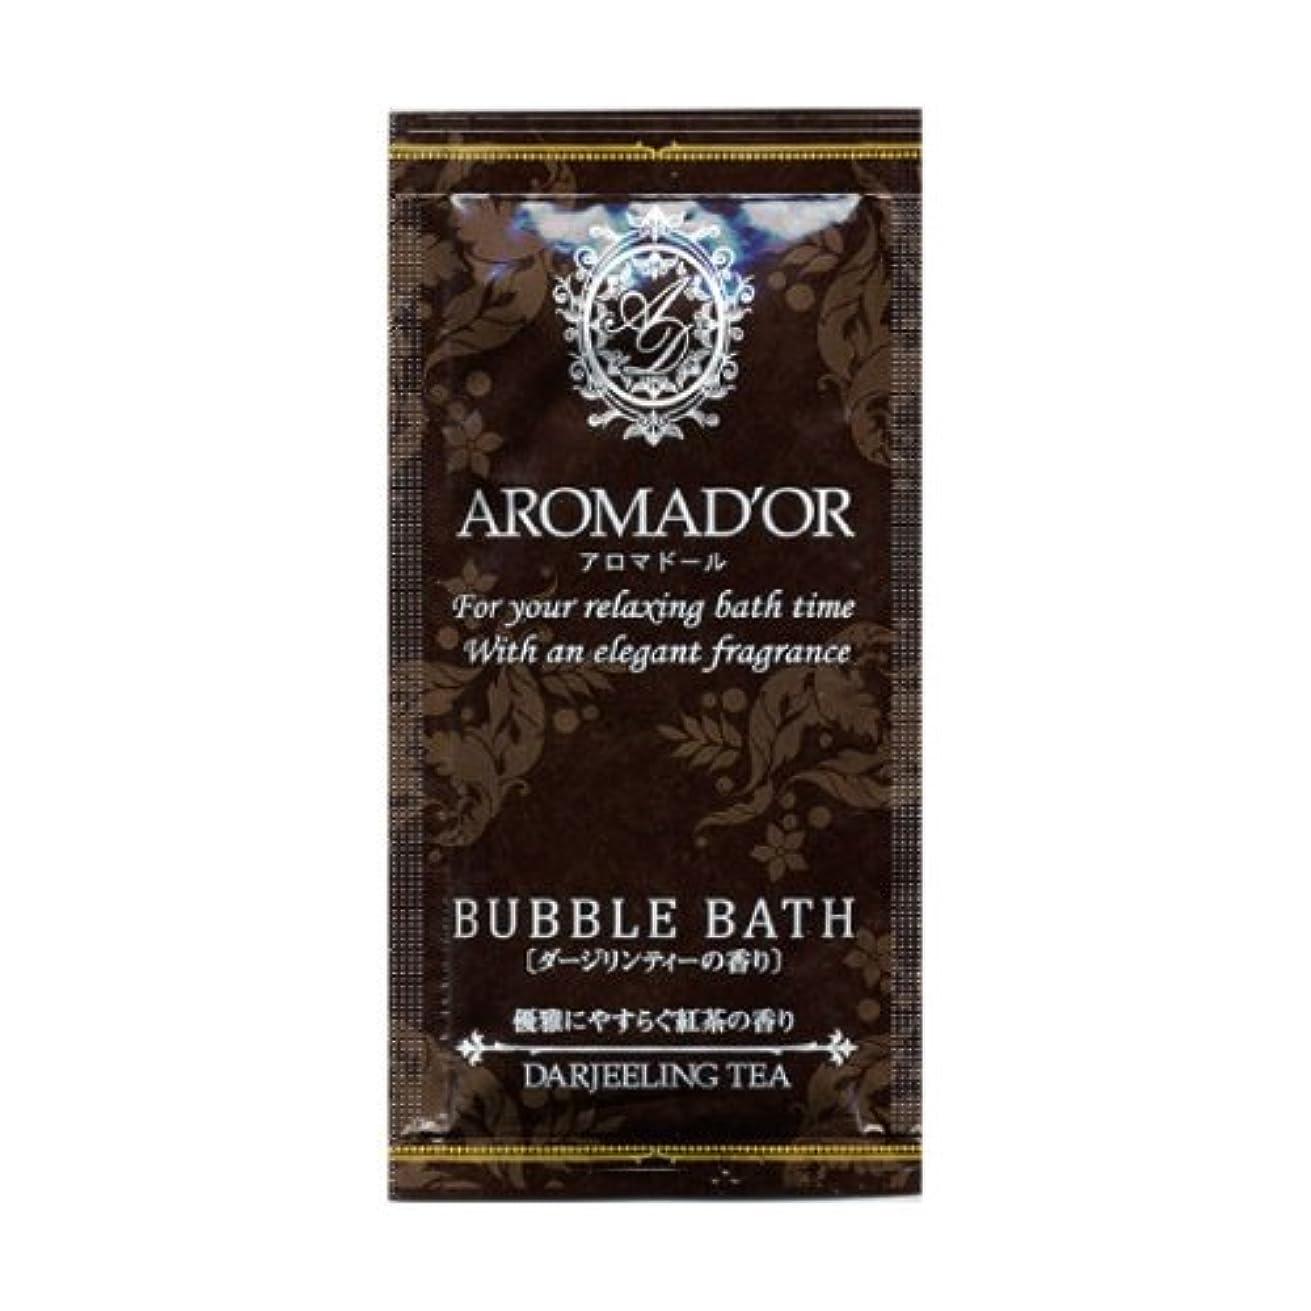 振動するプレビュー悪いアロマドール バブルバス ダージリンティーの香り 12包